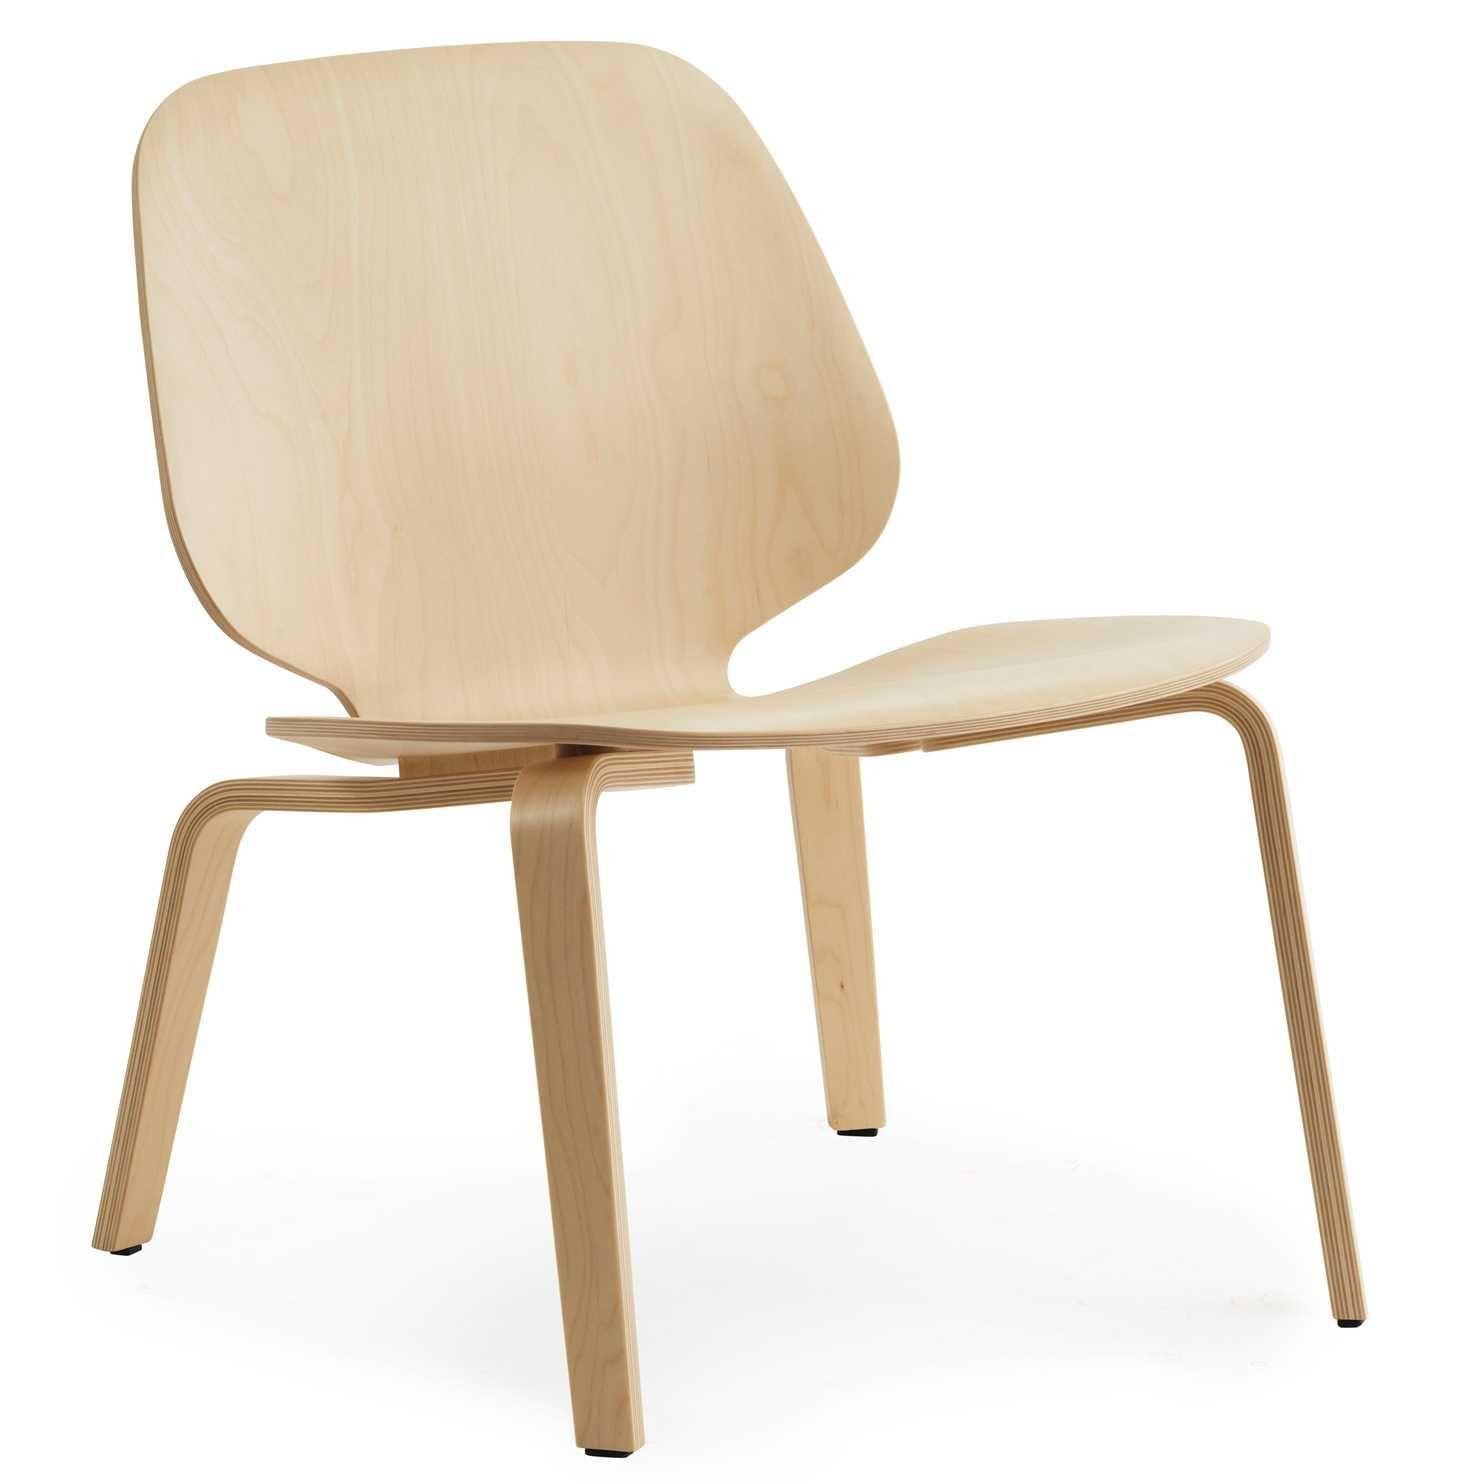 Houten Lounge Stoel Buiten.Normann Copenhagen My Chair Lounge Stoel Hout Flinders Verzendt